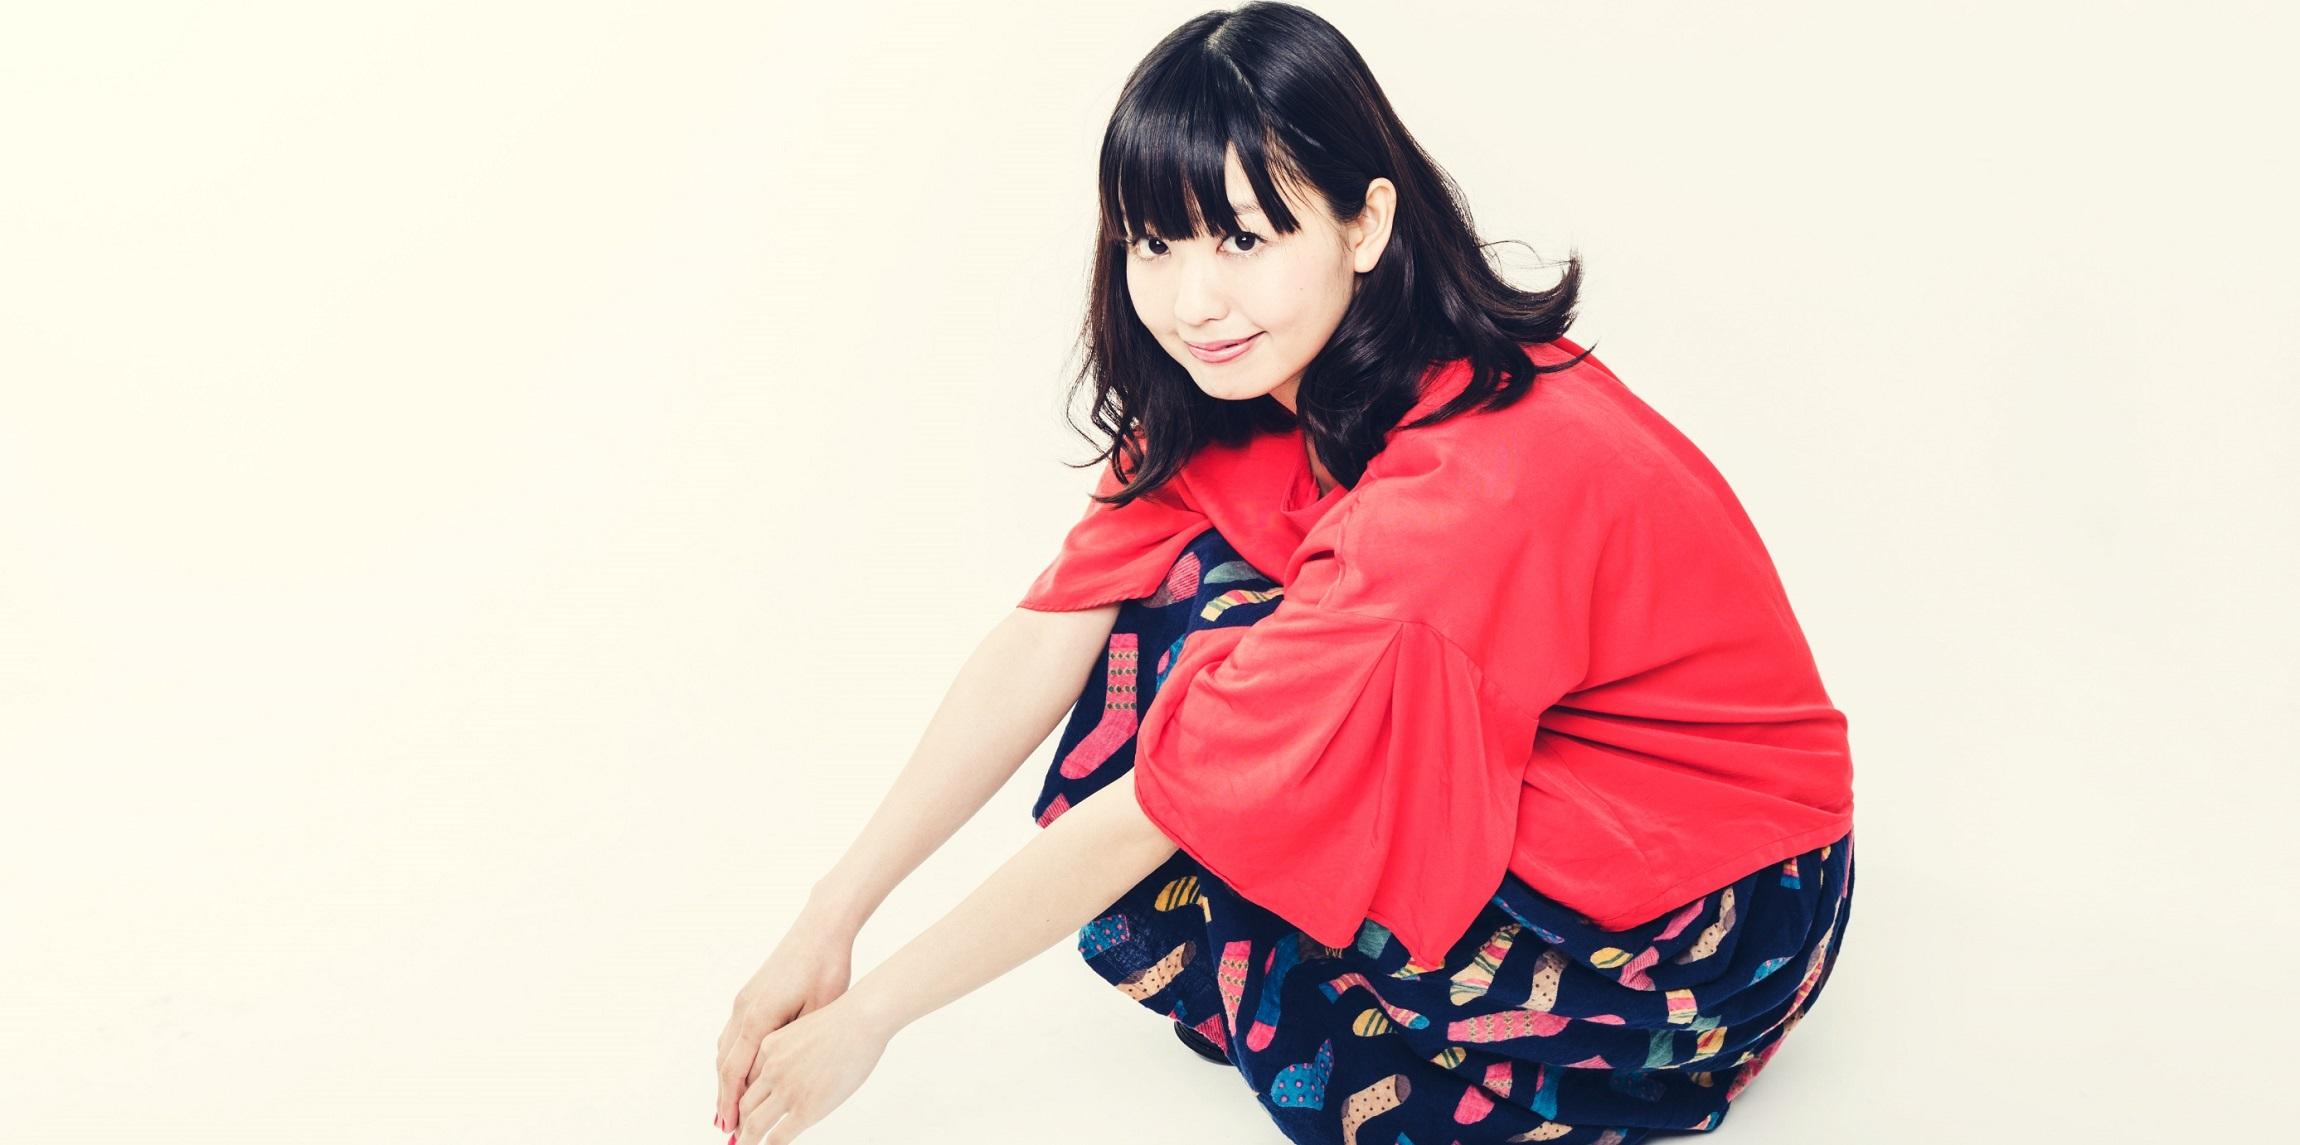 Chihiro_new_fc_baner_03